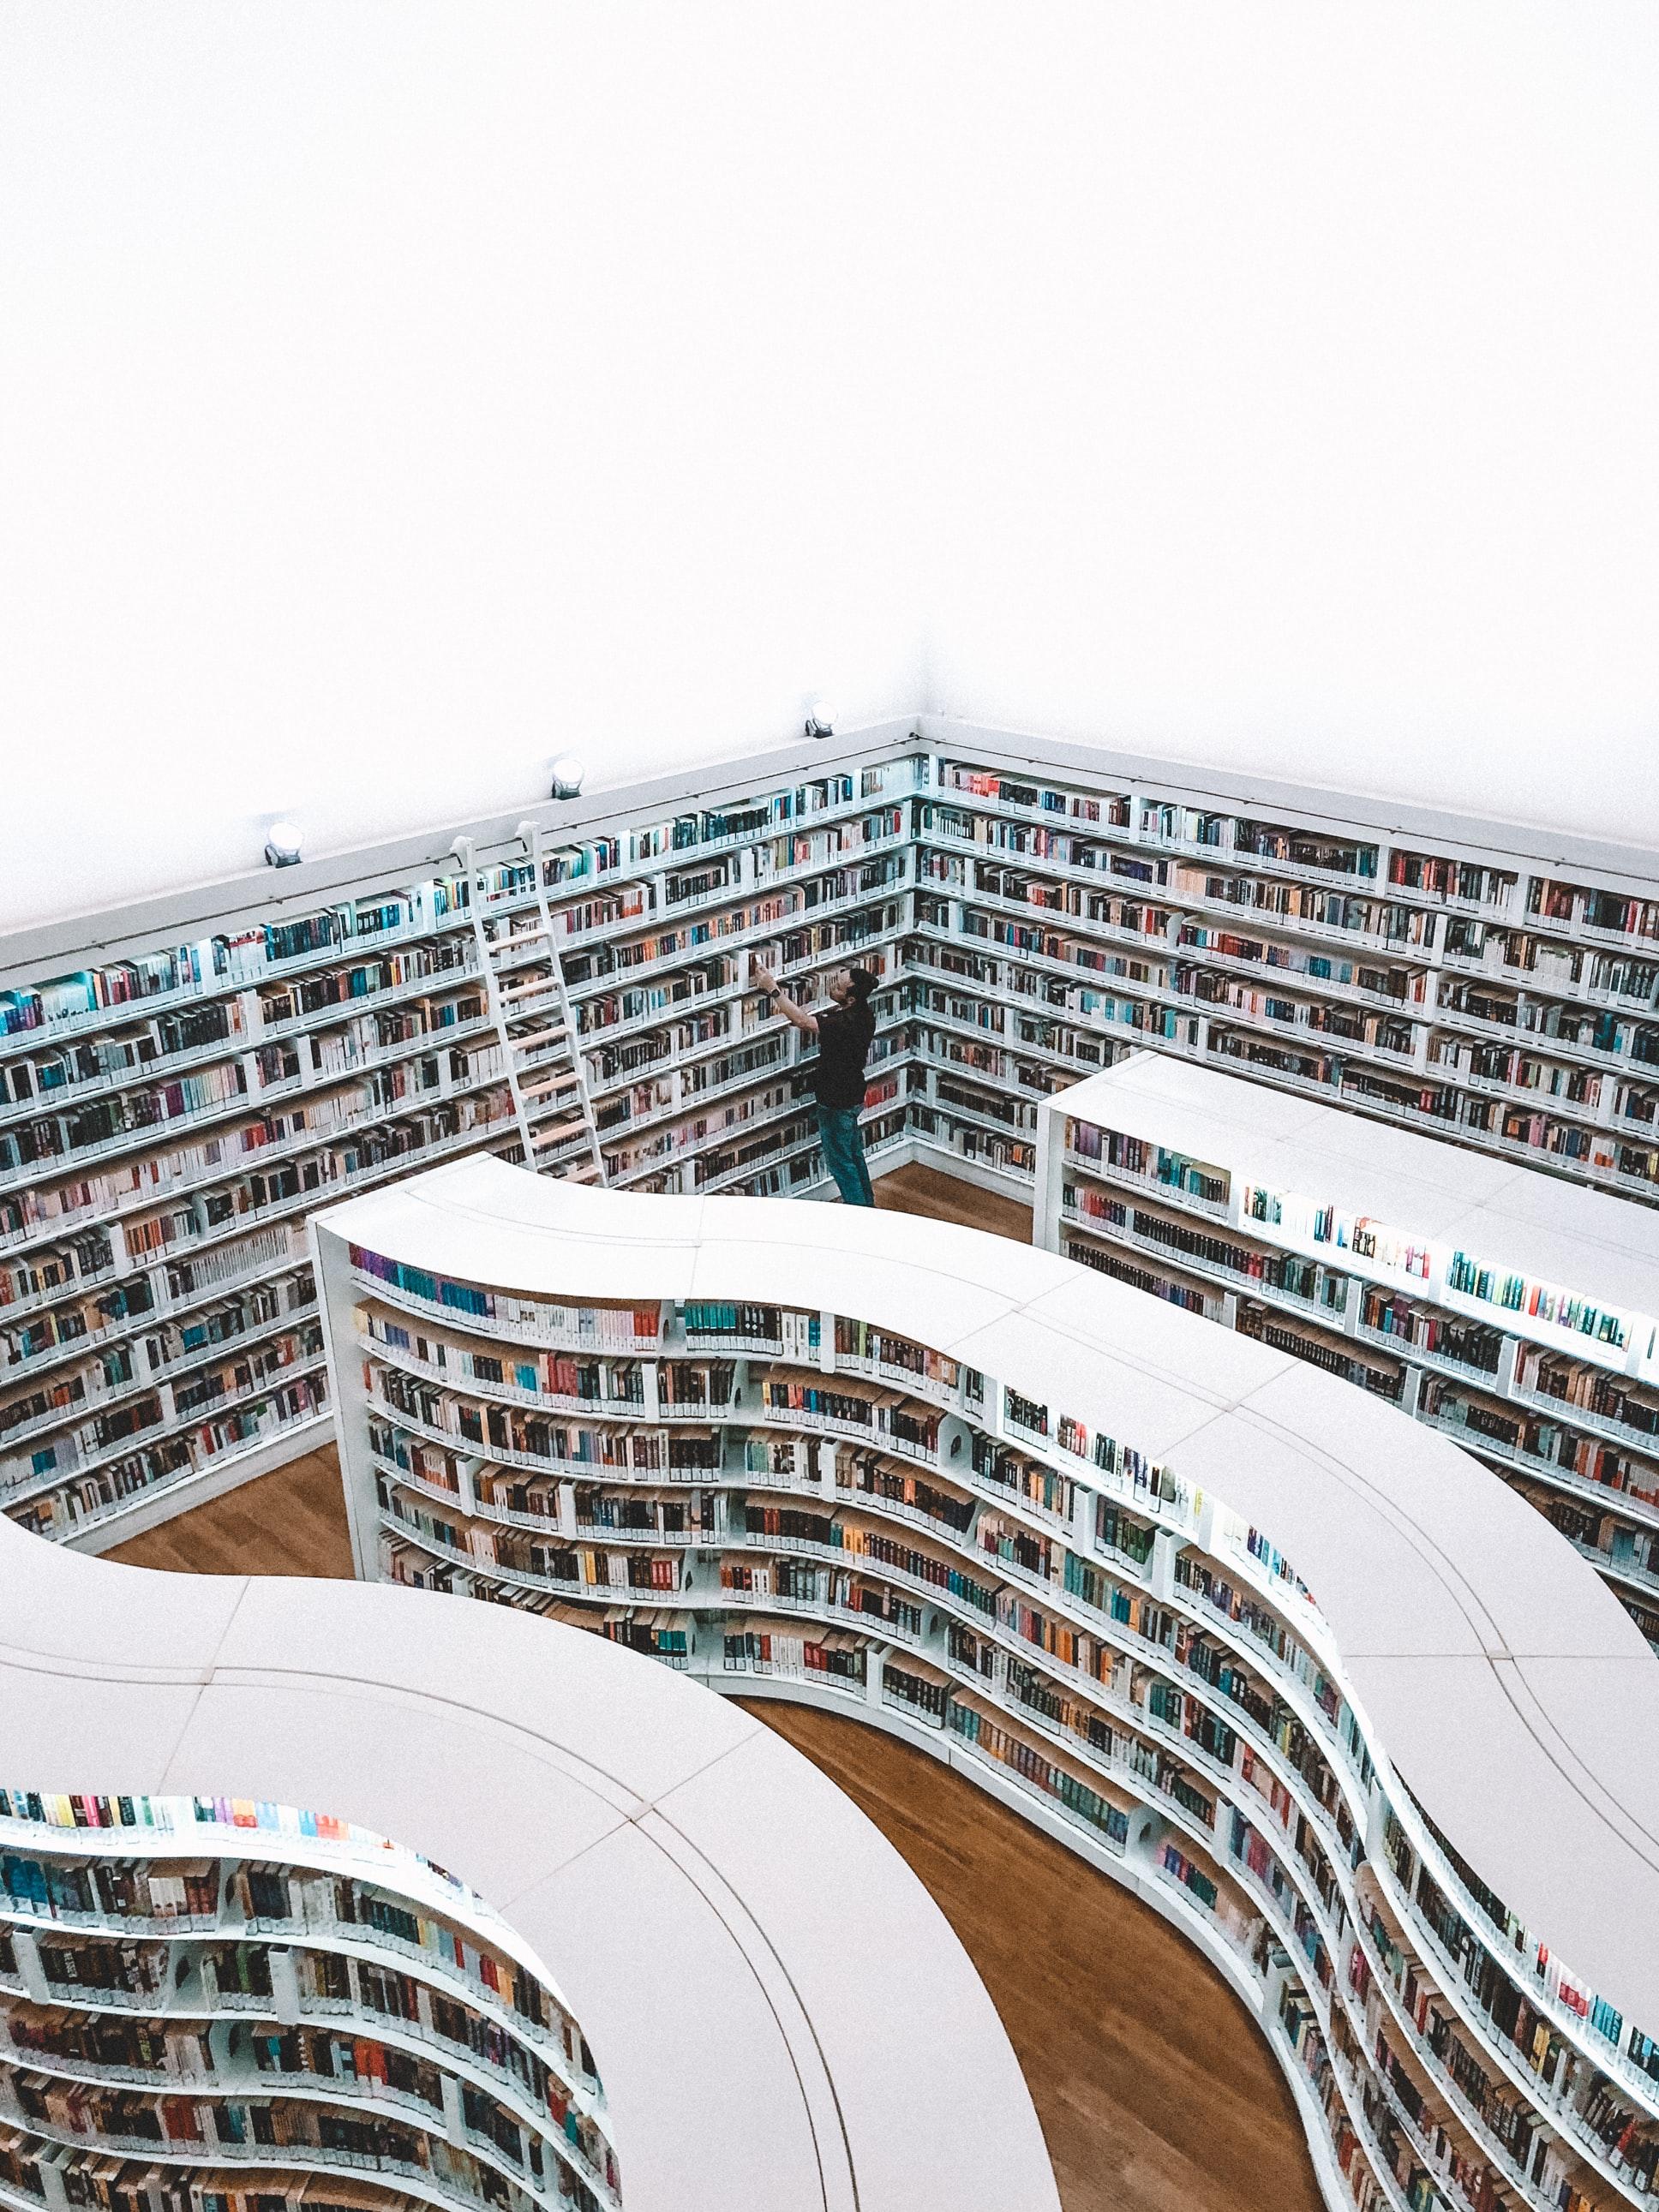 câu nói hay thư viện hiện đại